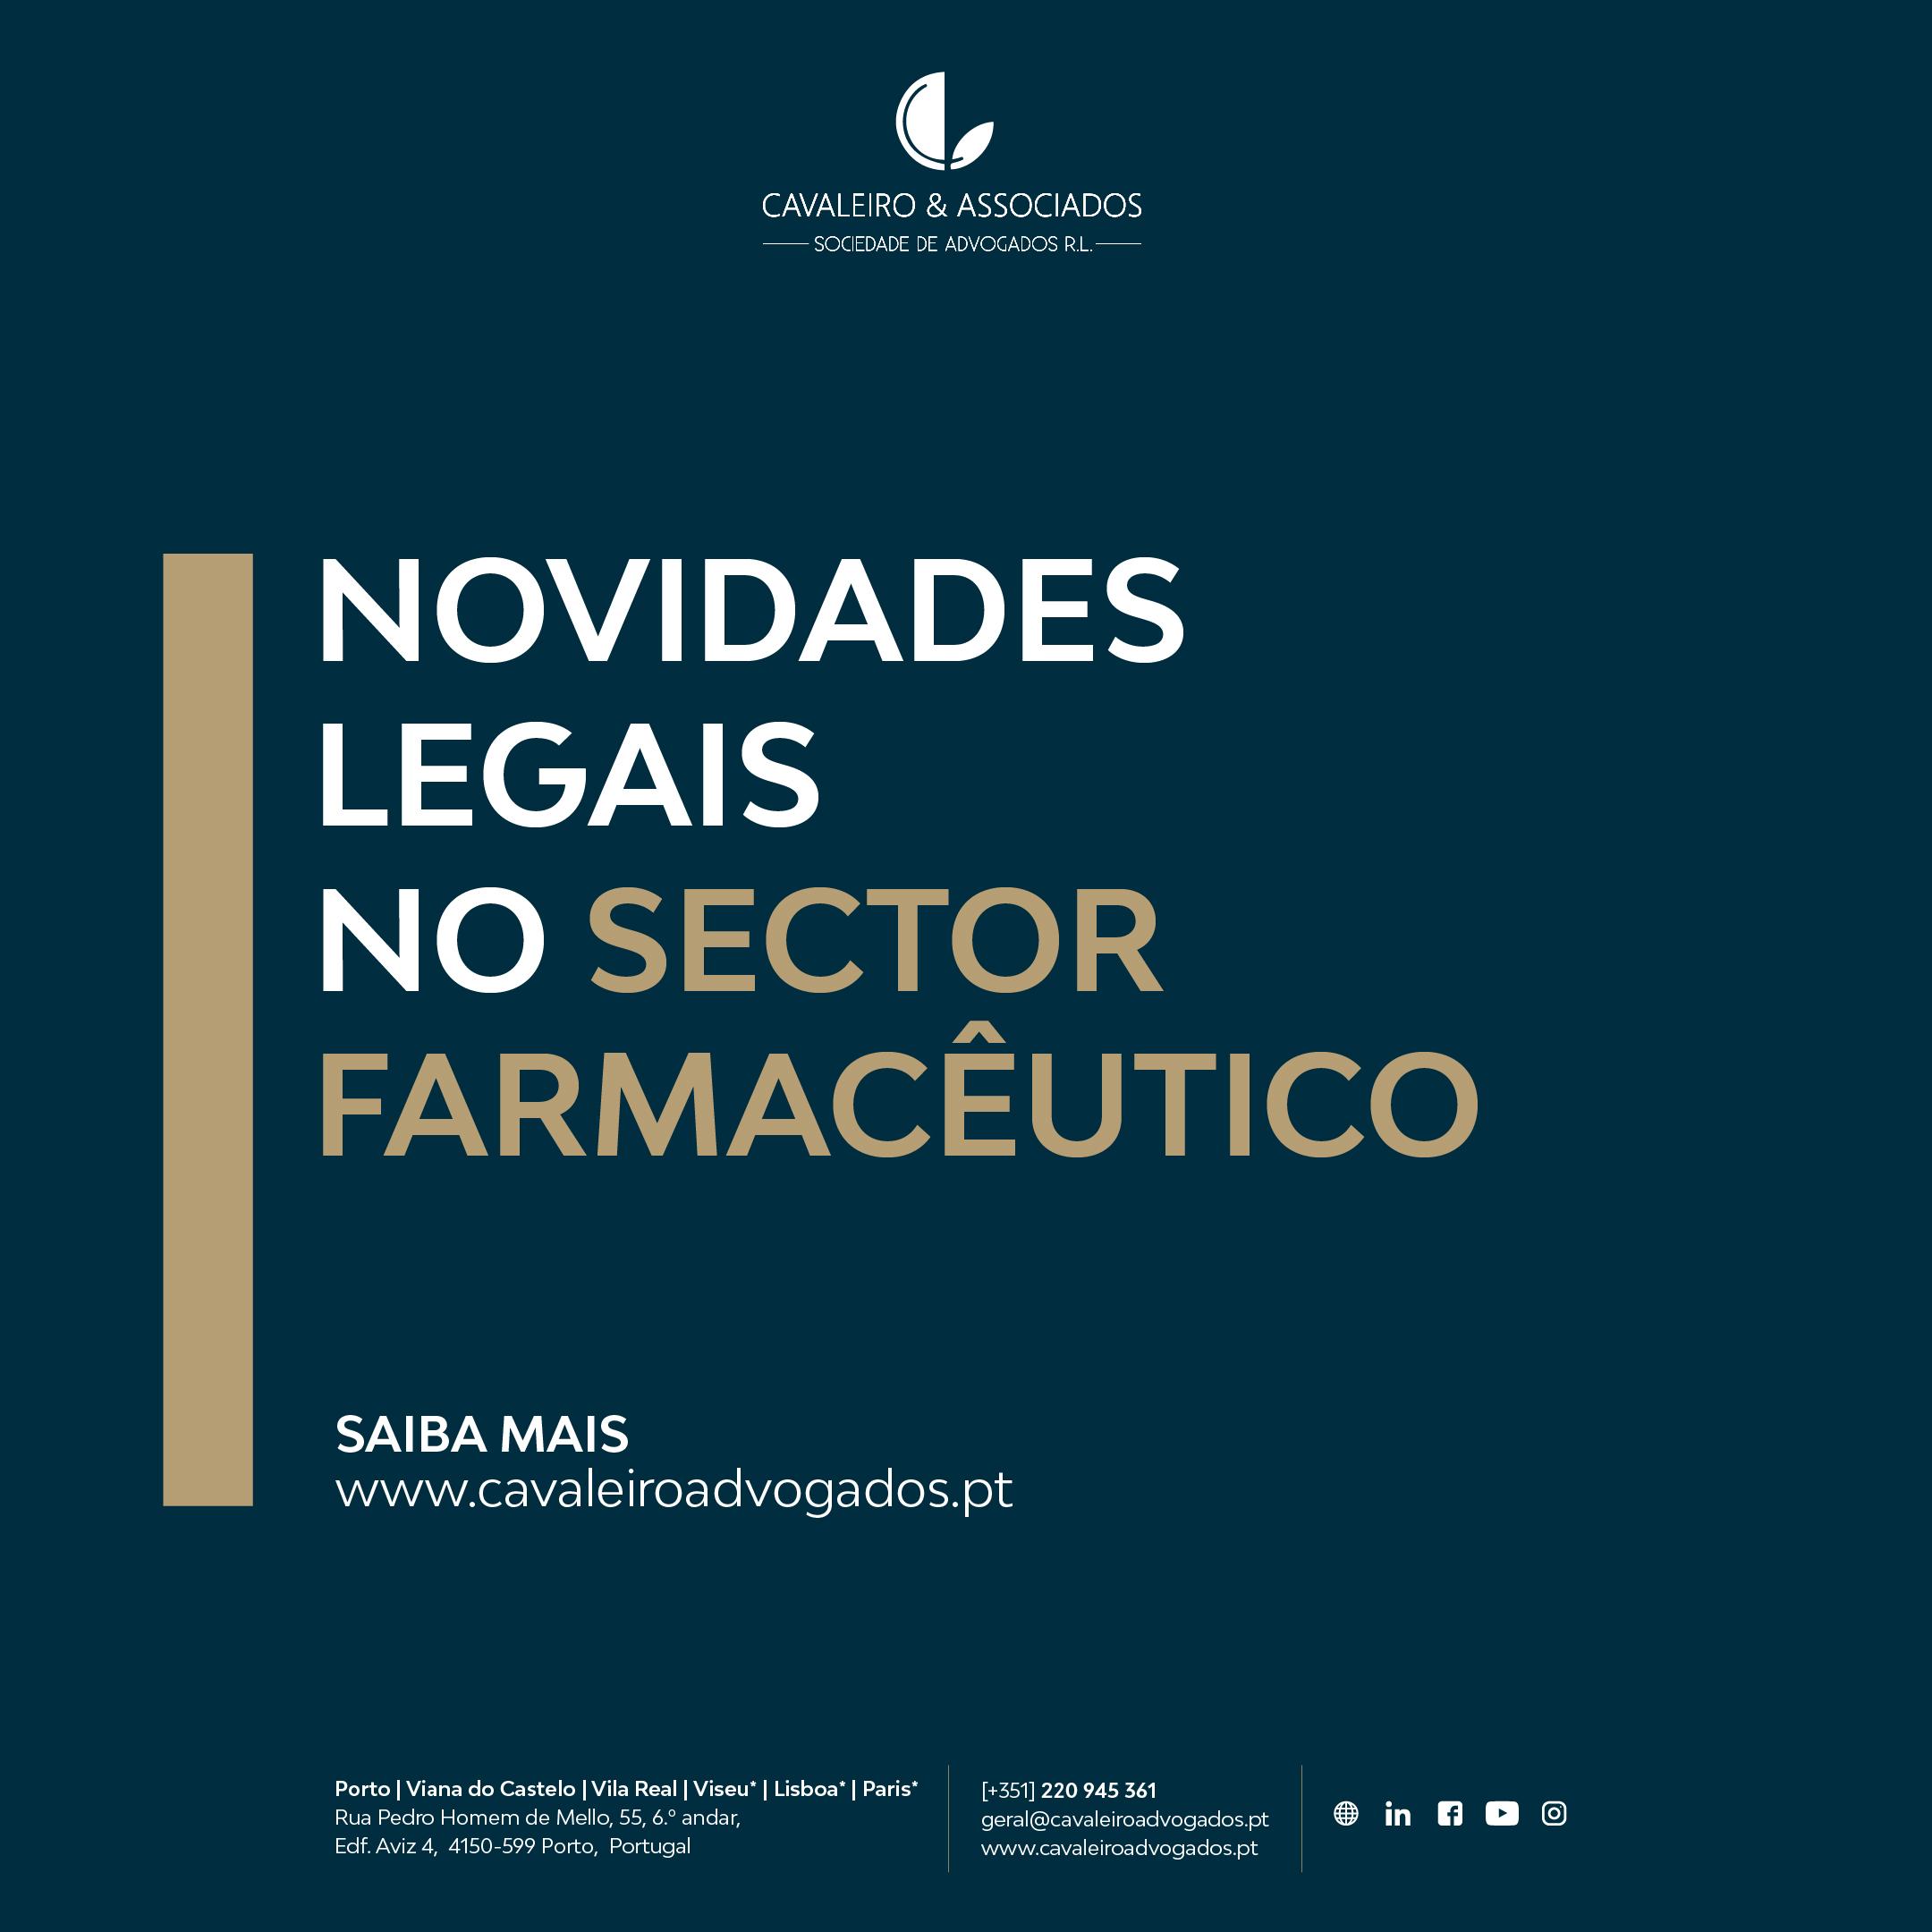 Novidades legais no setor farmacêutico